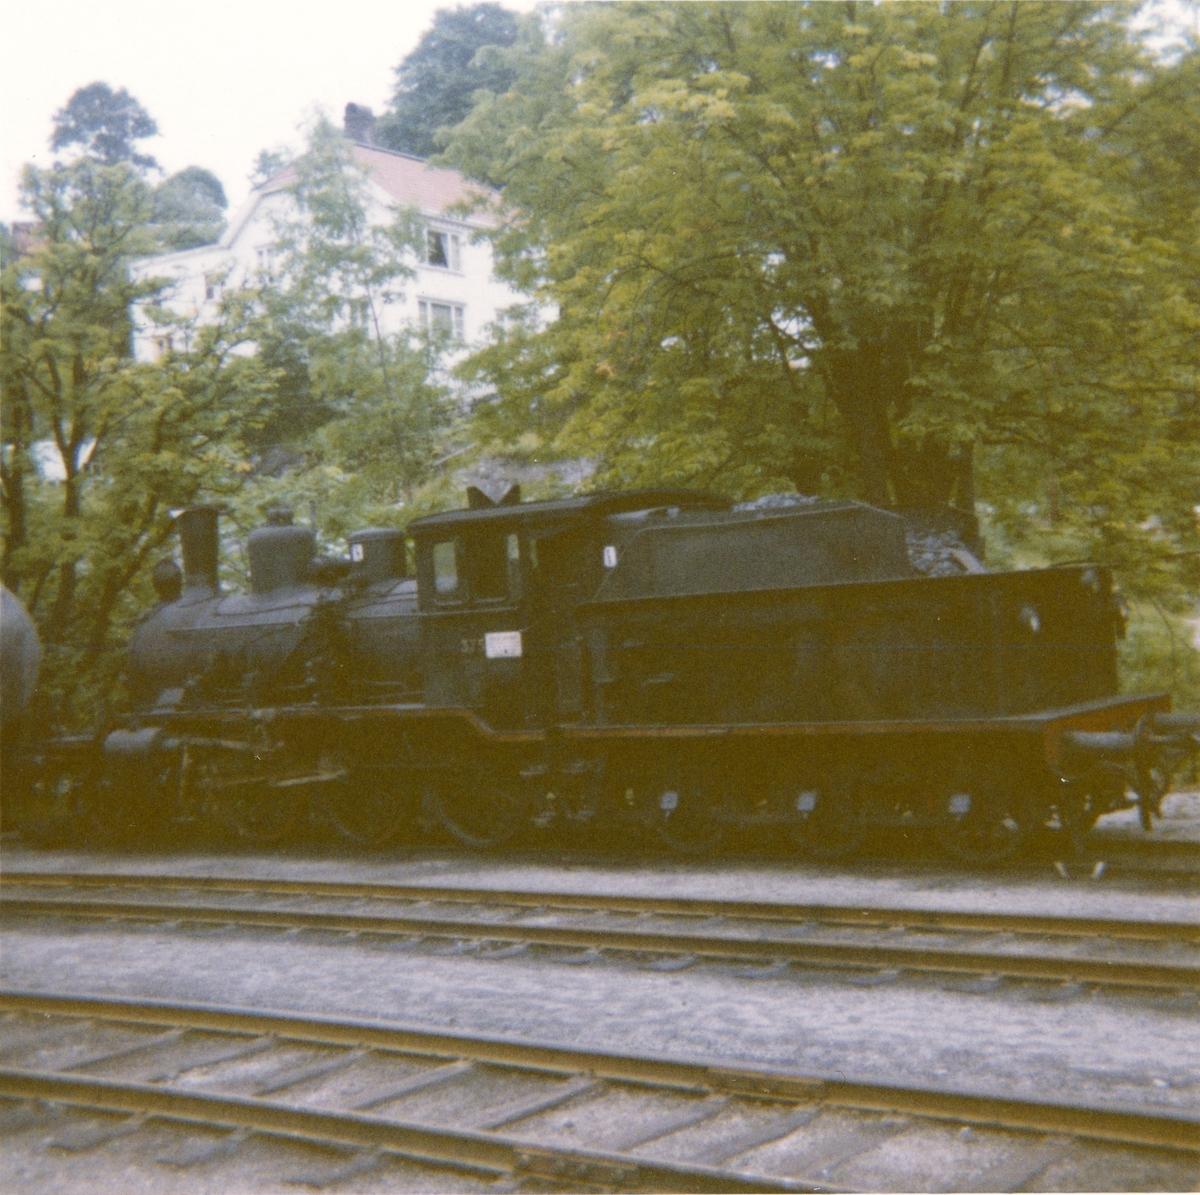 Damplokomotiv type 21c 375 hensatt på Arendal stasjon. Damplokomotiver ble erstattet av diesellokomotiver i togene mellom Arendal og Treungen.